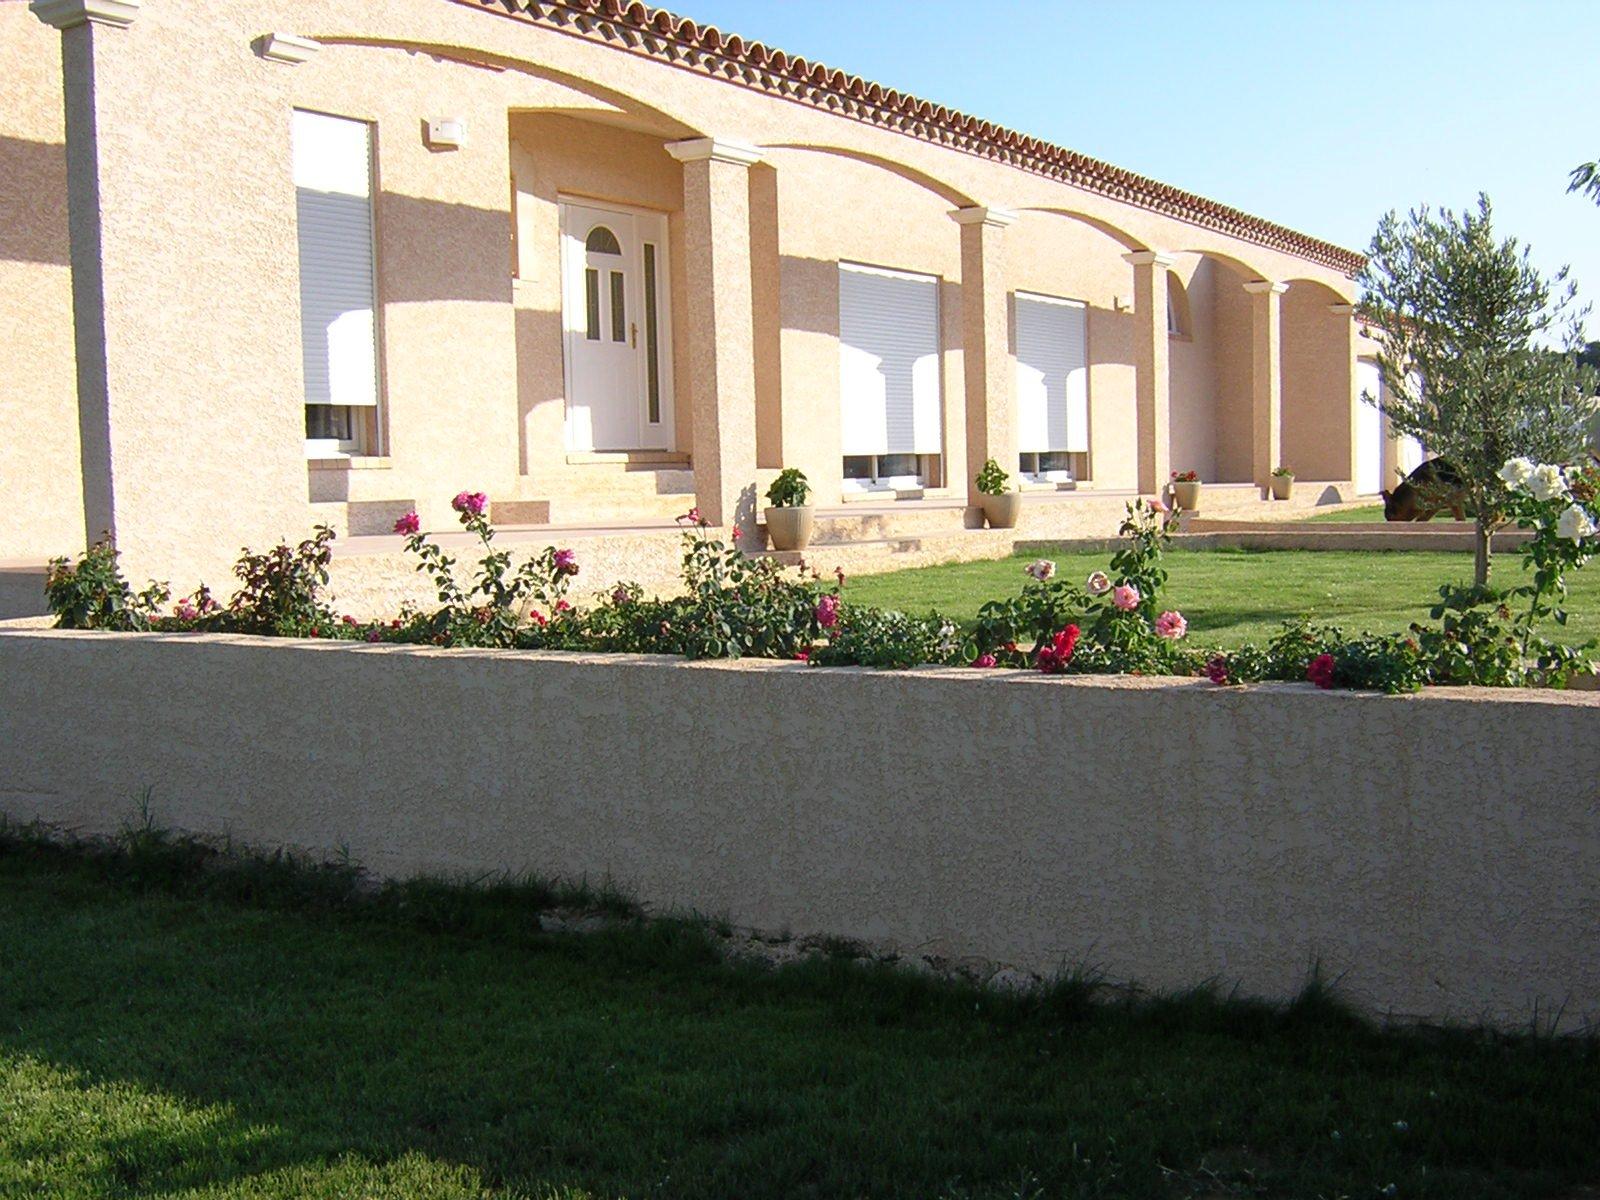 Venta Casa - Narbona (Narbonne) AMARATS